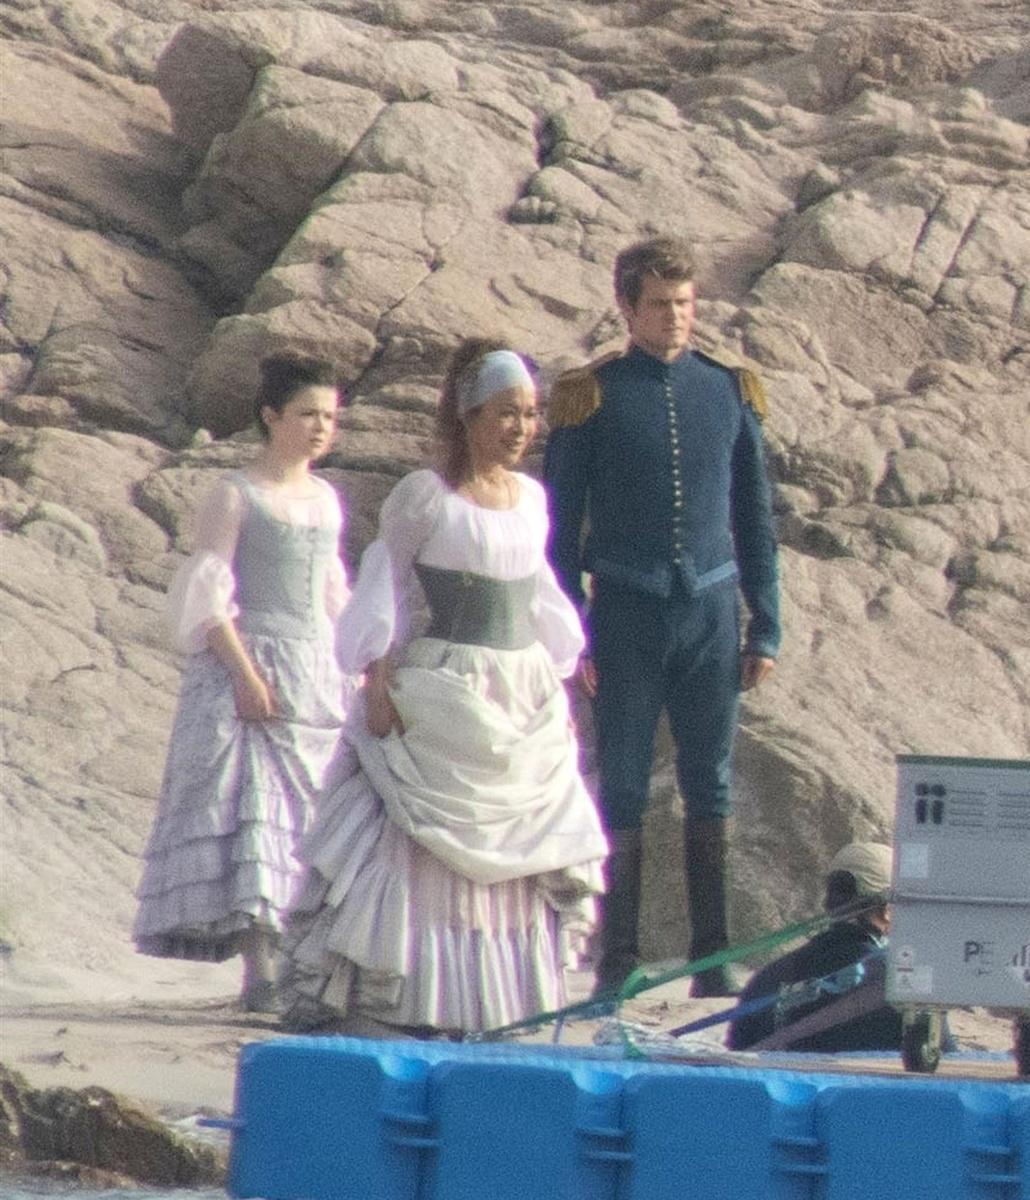 Jonah Hauer-King y Halle Bailey primeras escenas del rodaje de La Sirenita en Italia